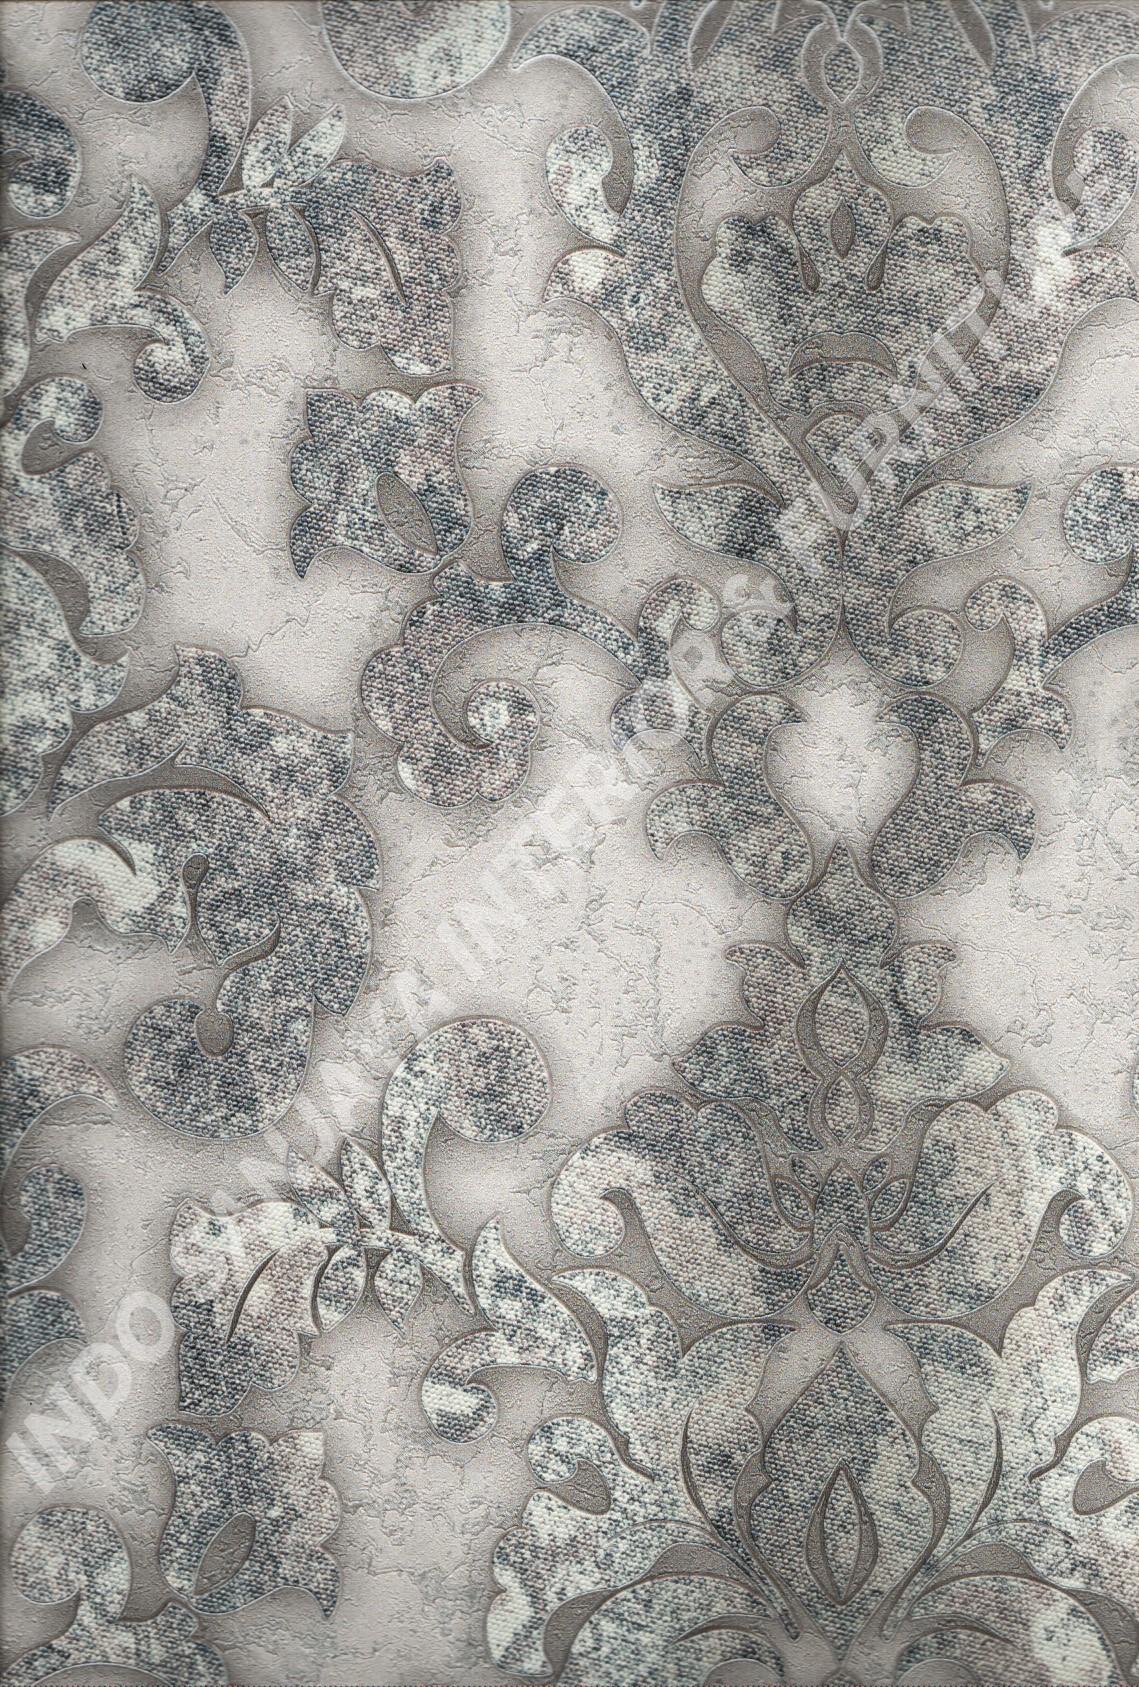 wallpaper MOKO:3007 corak Bunga ,Klasik / Batik (Damask) warna Abu-Abu ,Cream